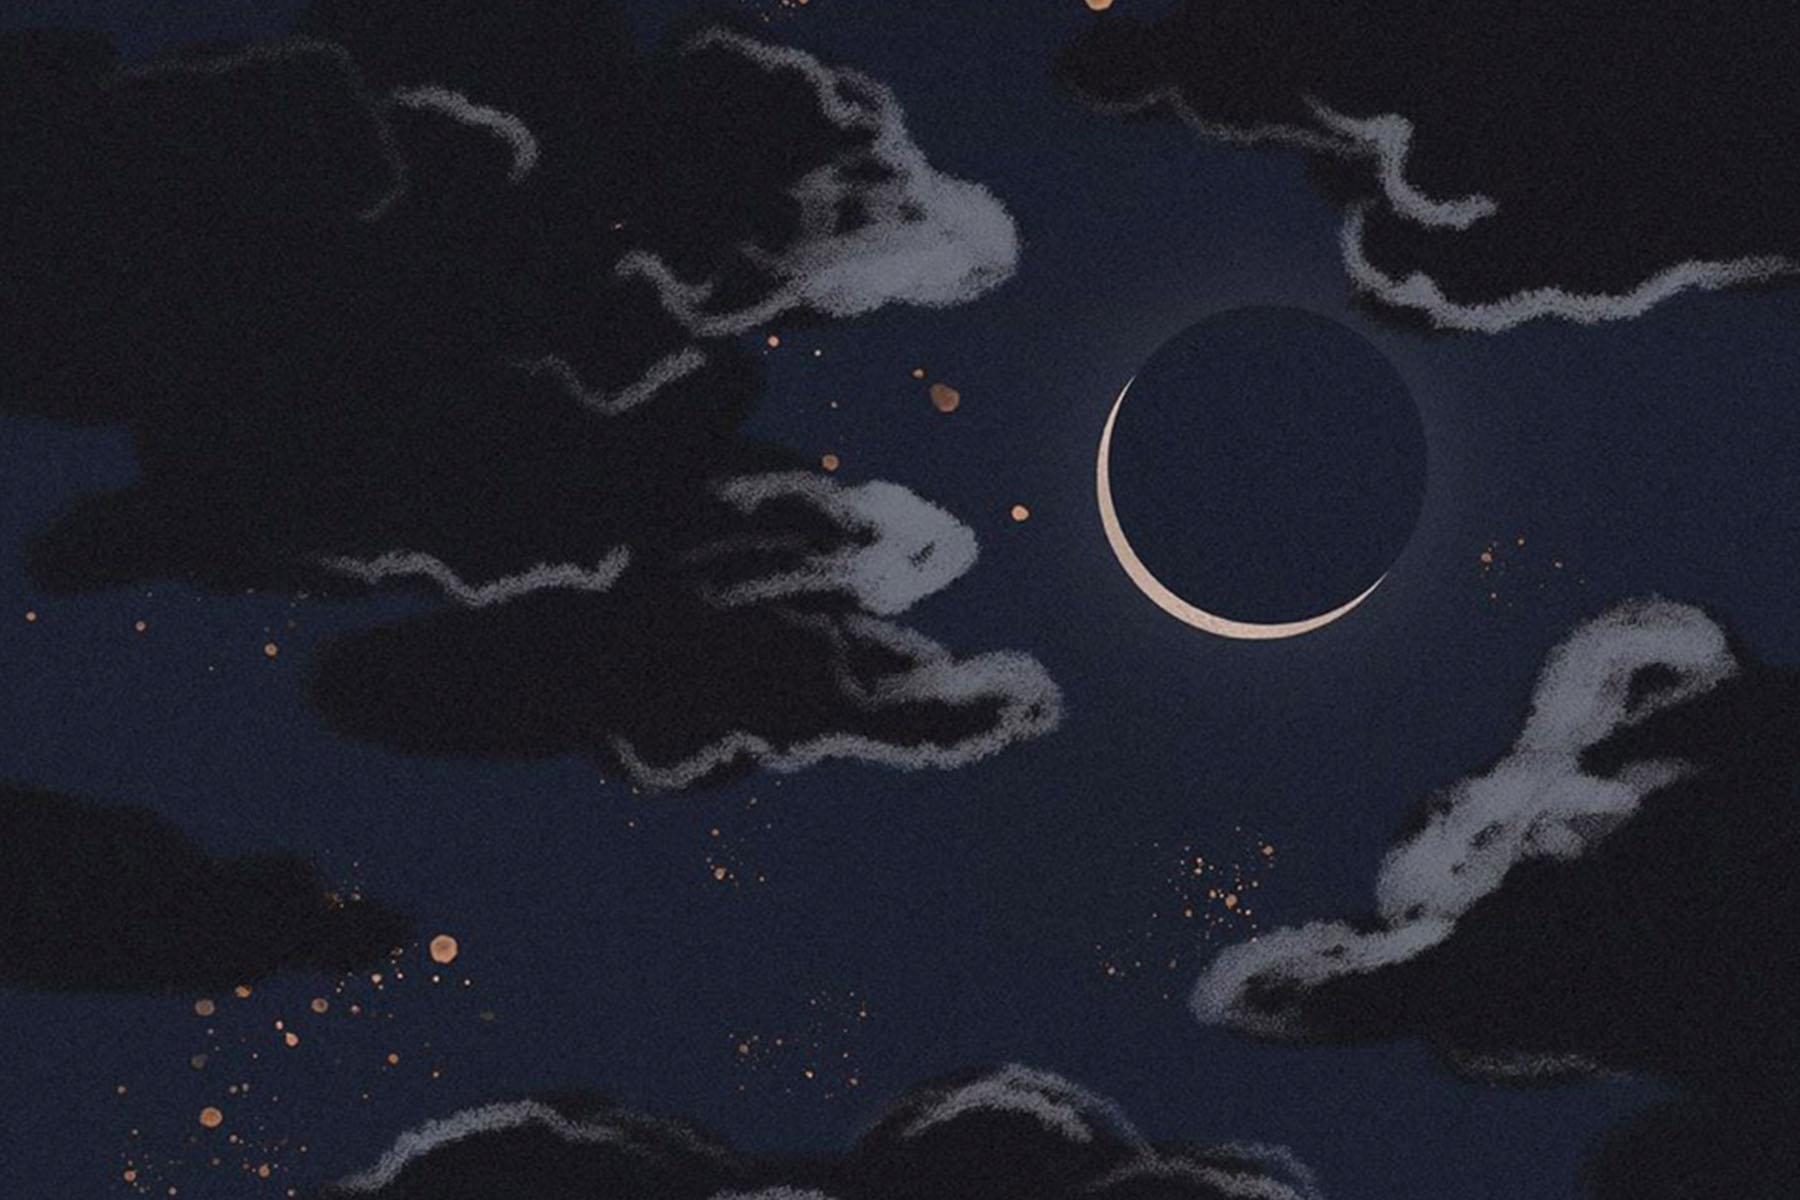 new moon gemini may 2020